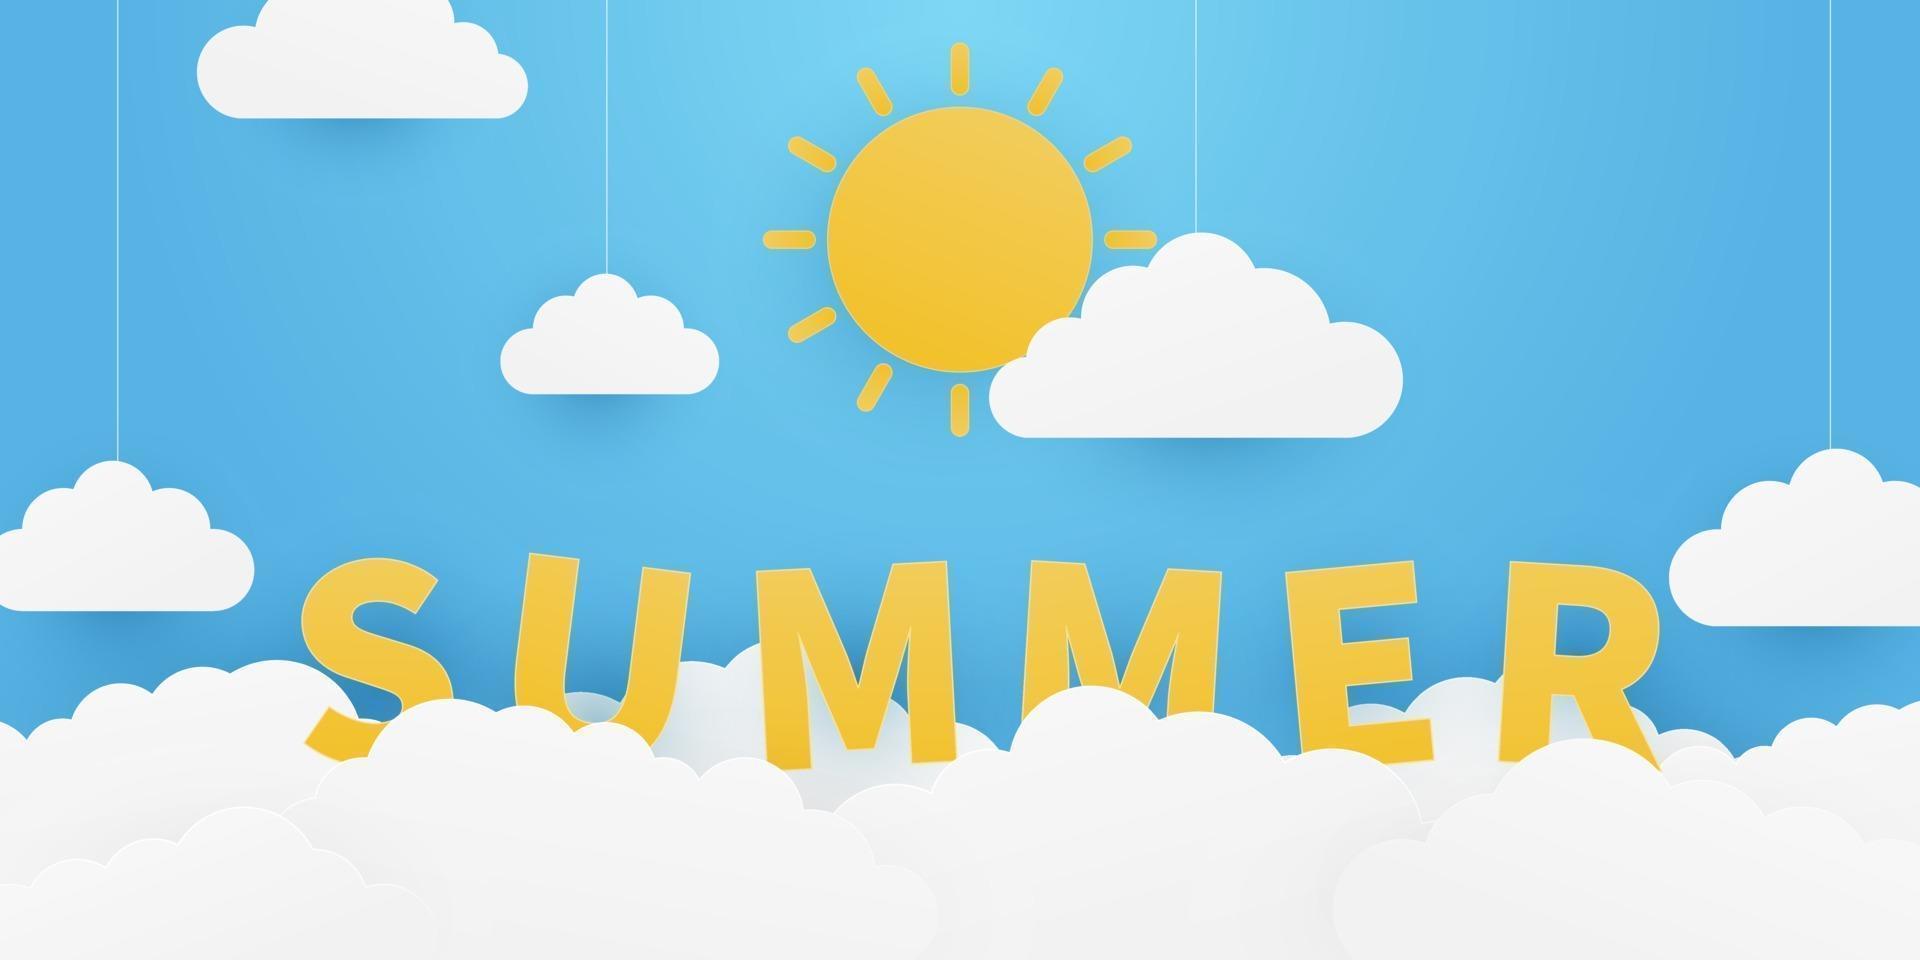 Sommerhintergrund mit Origami Sonne und Wolken hängen am blauen Himmel Hintergrund. Papierkunst und Bastelstil. Vektorillustration. vektor